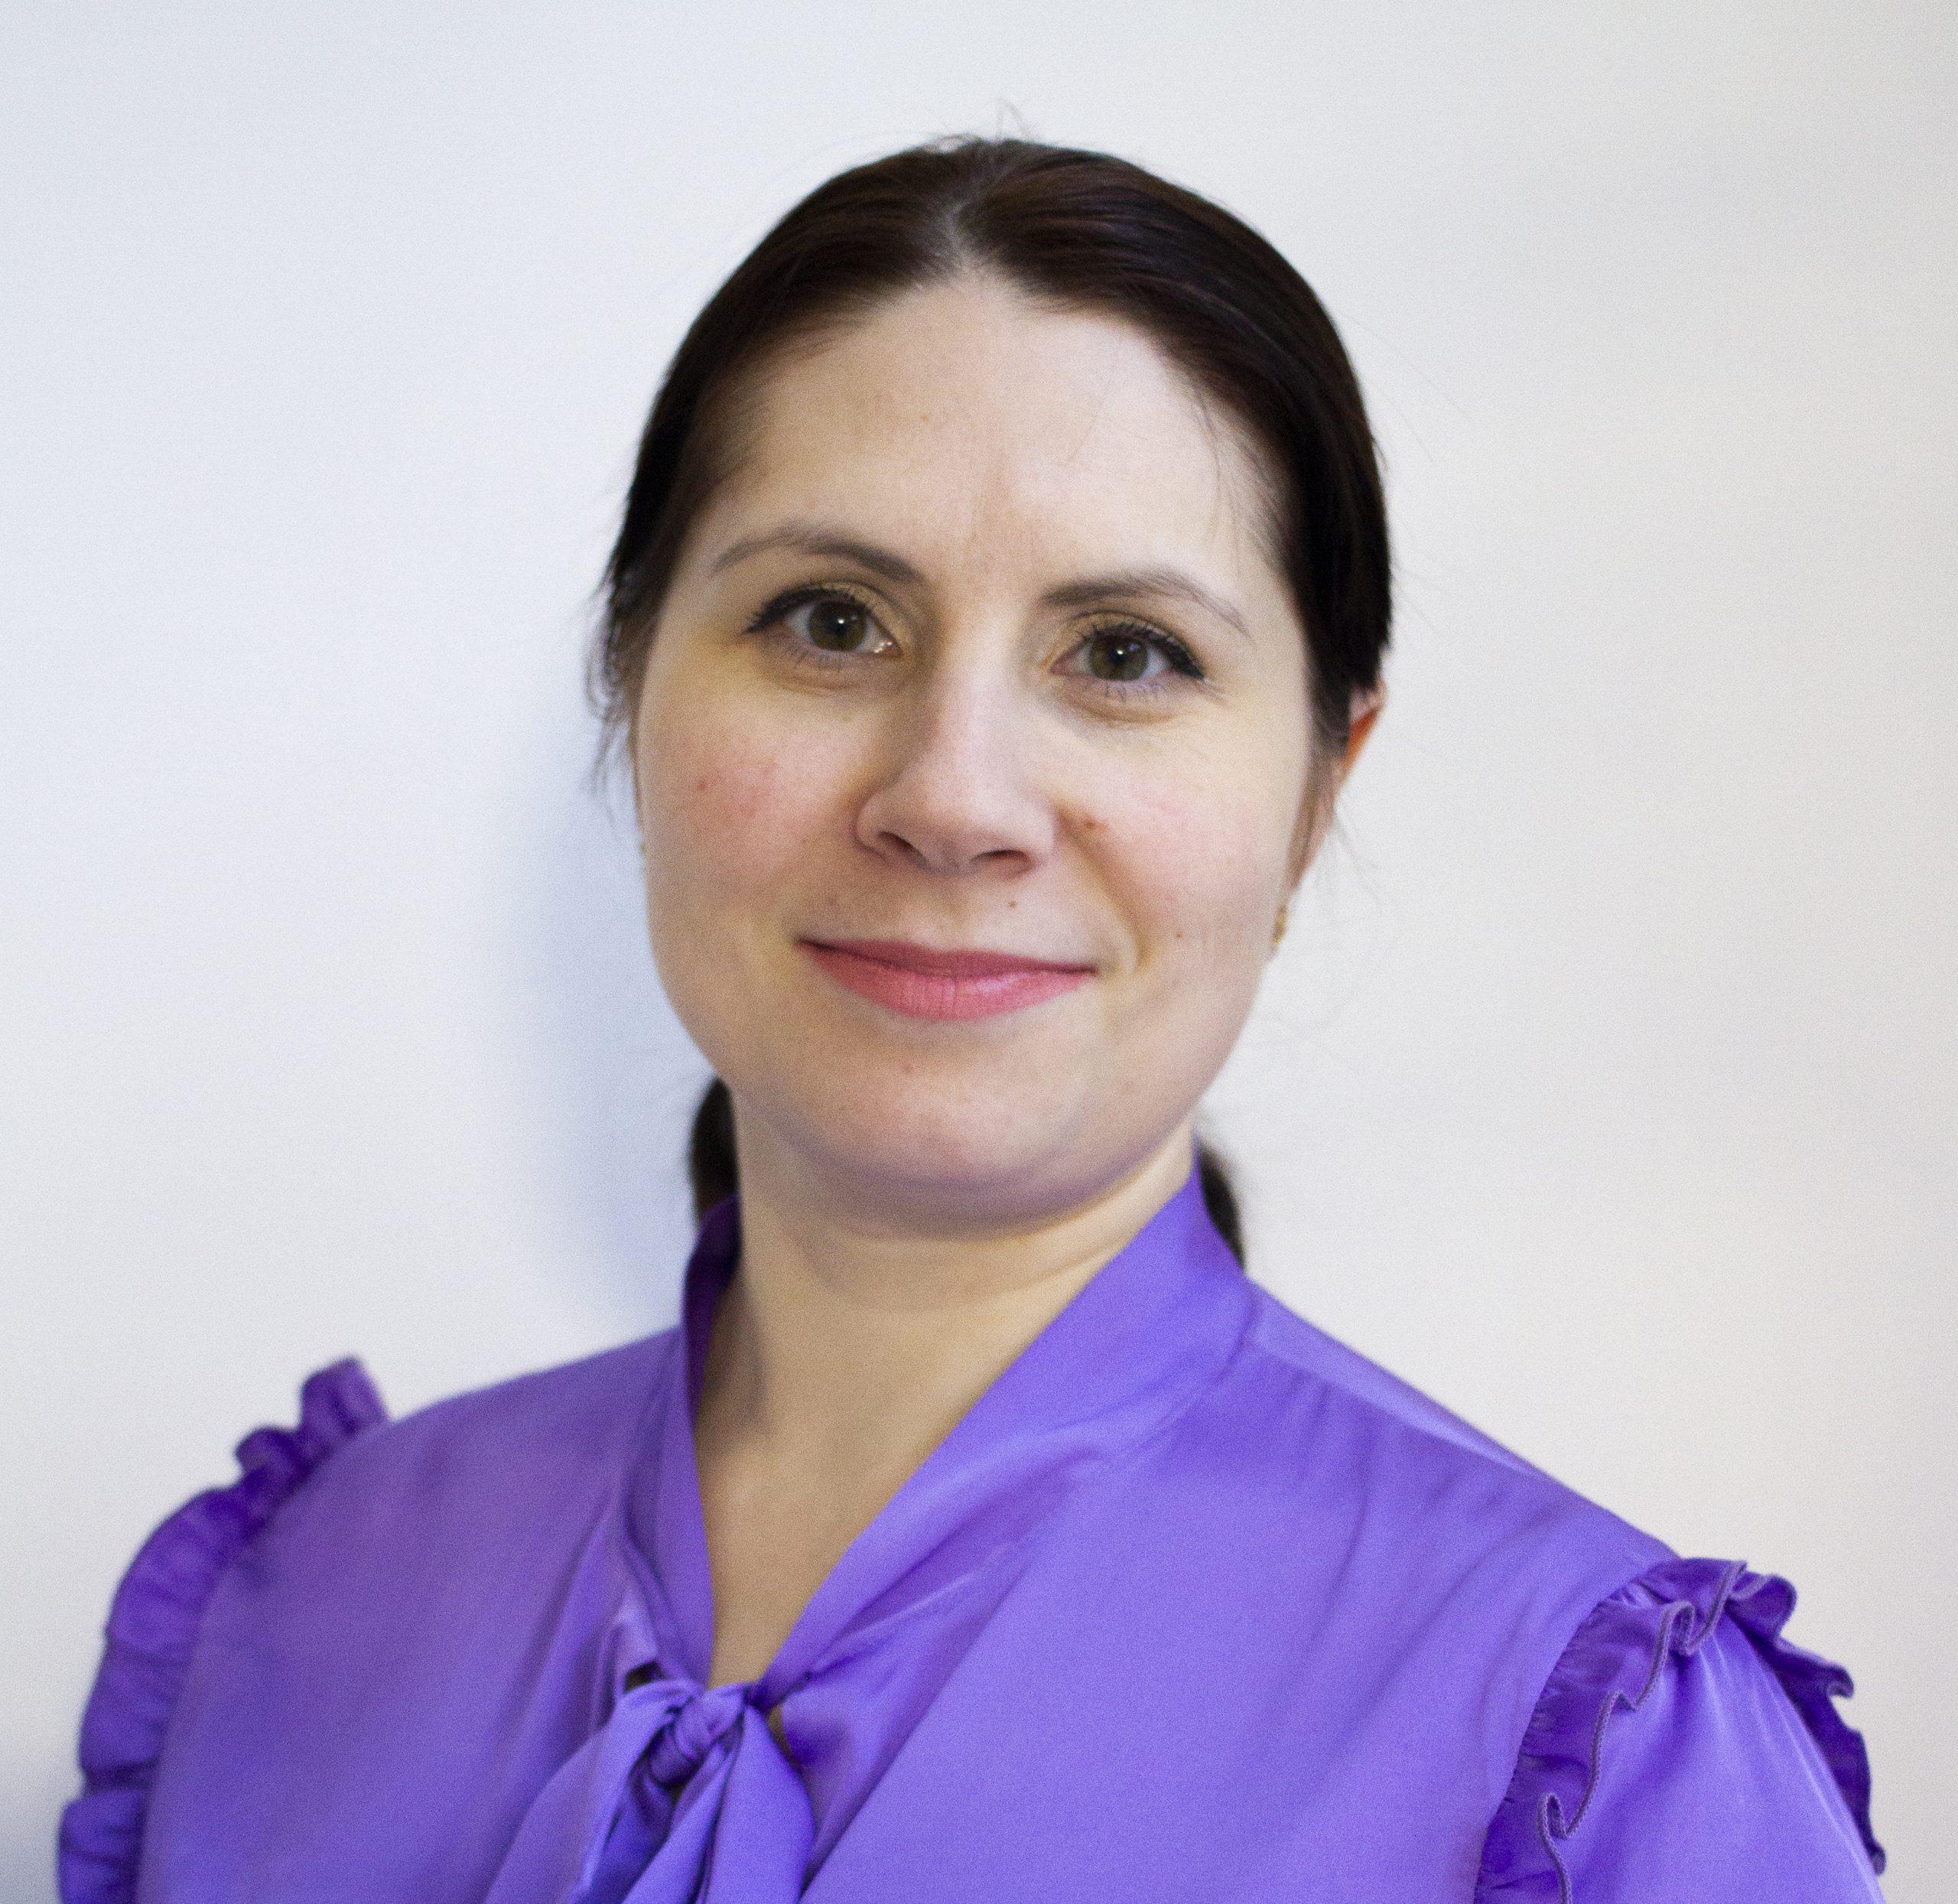 Galina Dugina